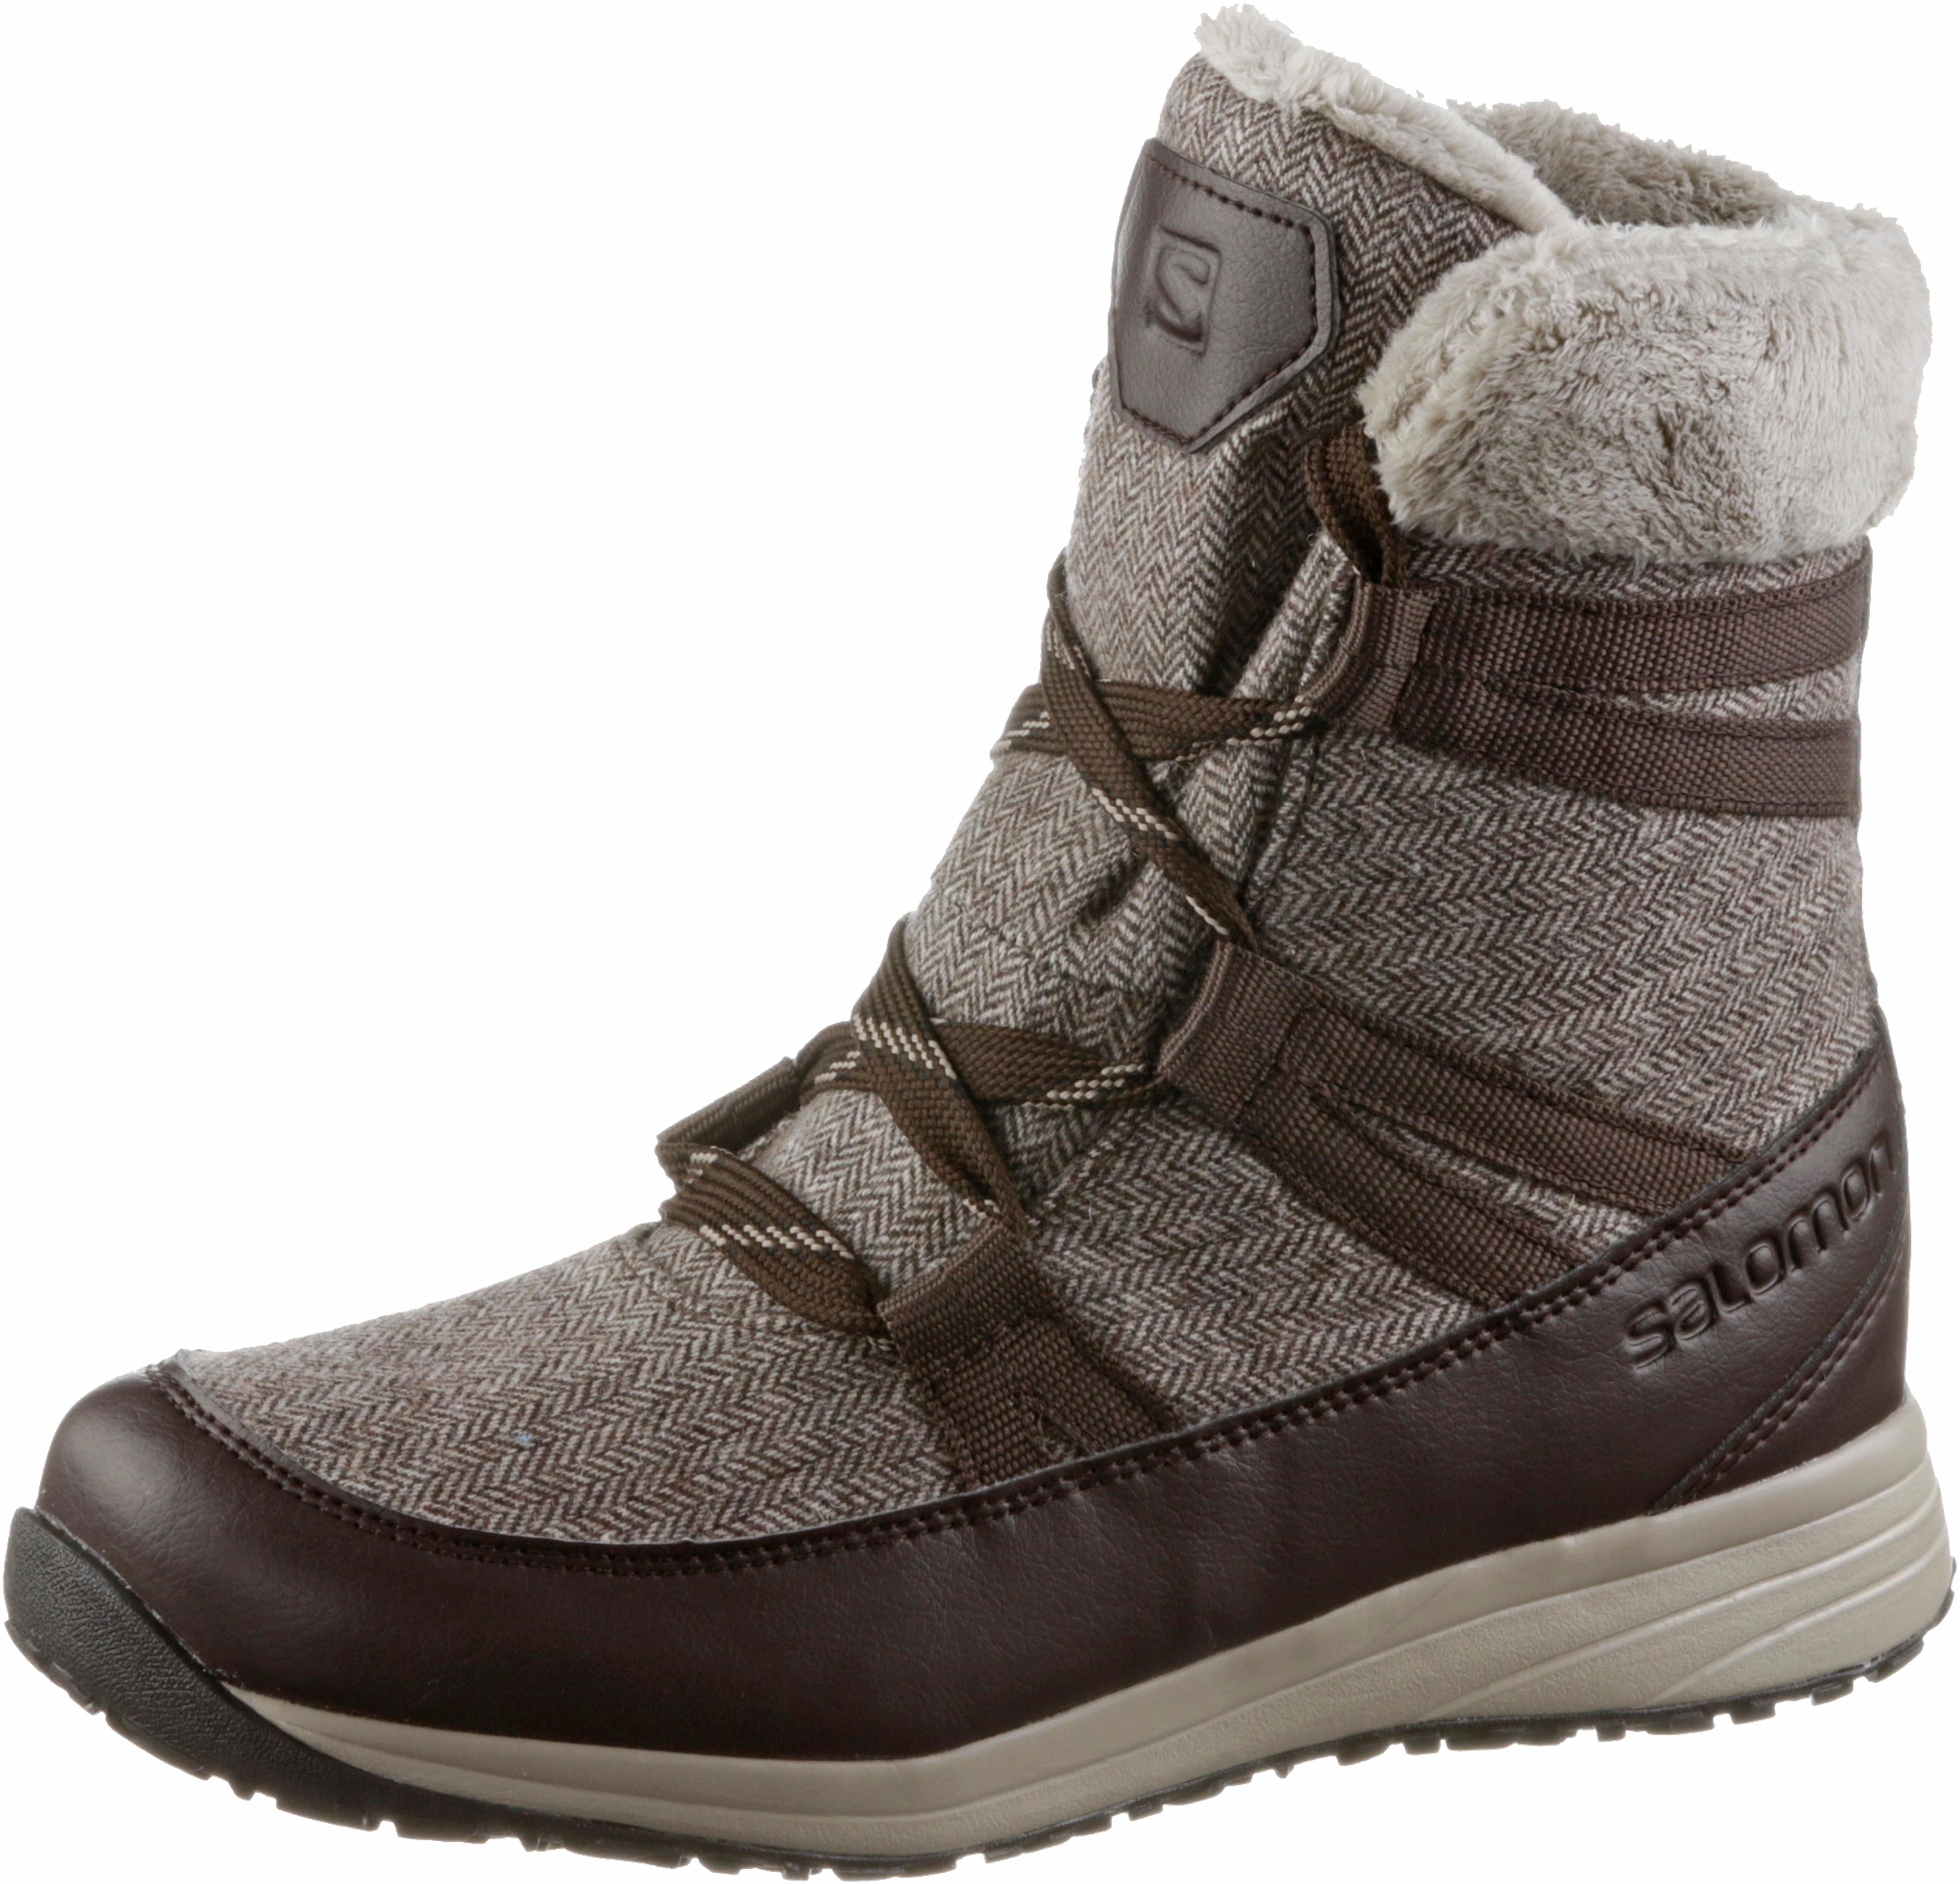 Salomon HEIKA CS WP Winterschuhe Damen schwarz-quarry-alloy im Online Online Online Shop von SportScheck kaufen Gute Qualität beliebte Schuhe e1f177